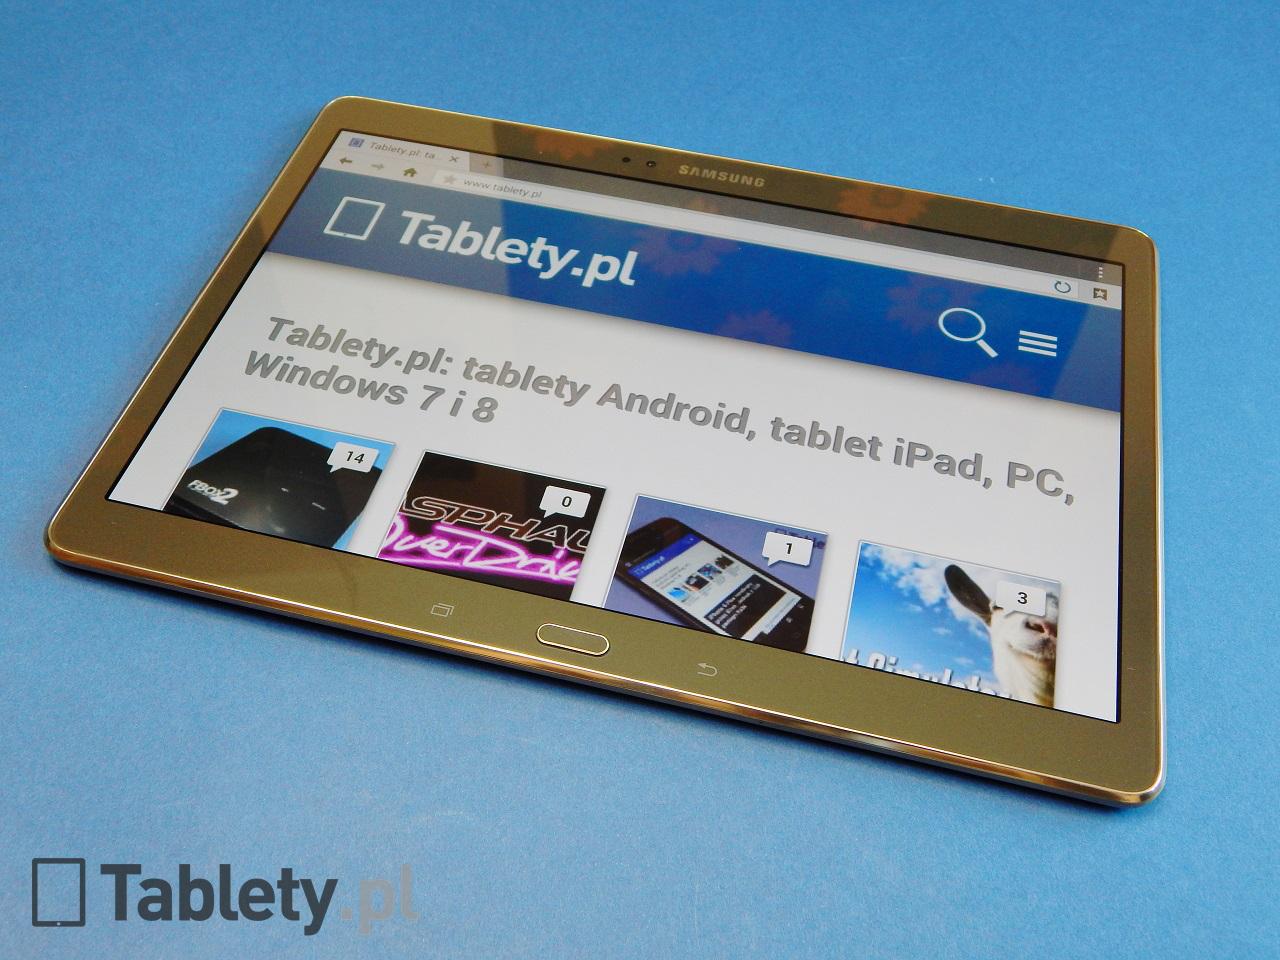 Samsung Galaxy Tab S 10.5 01